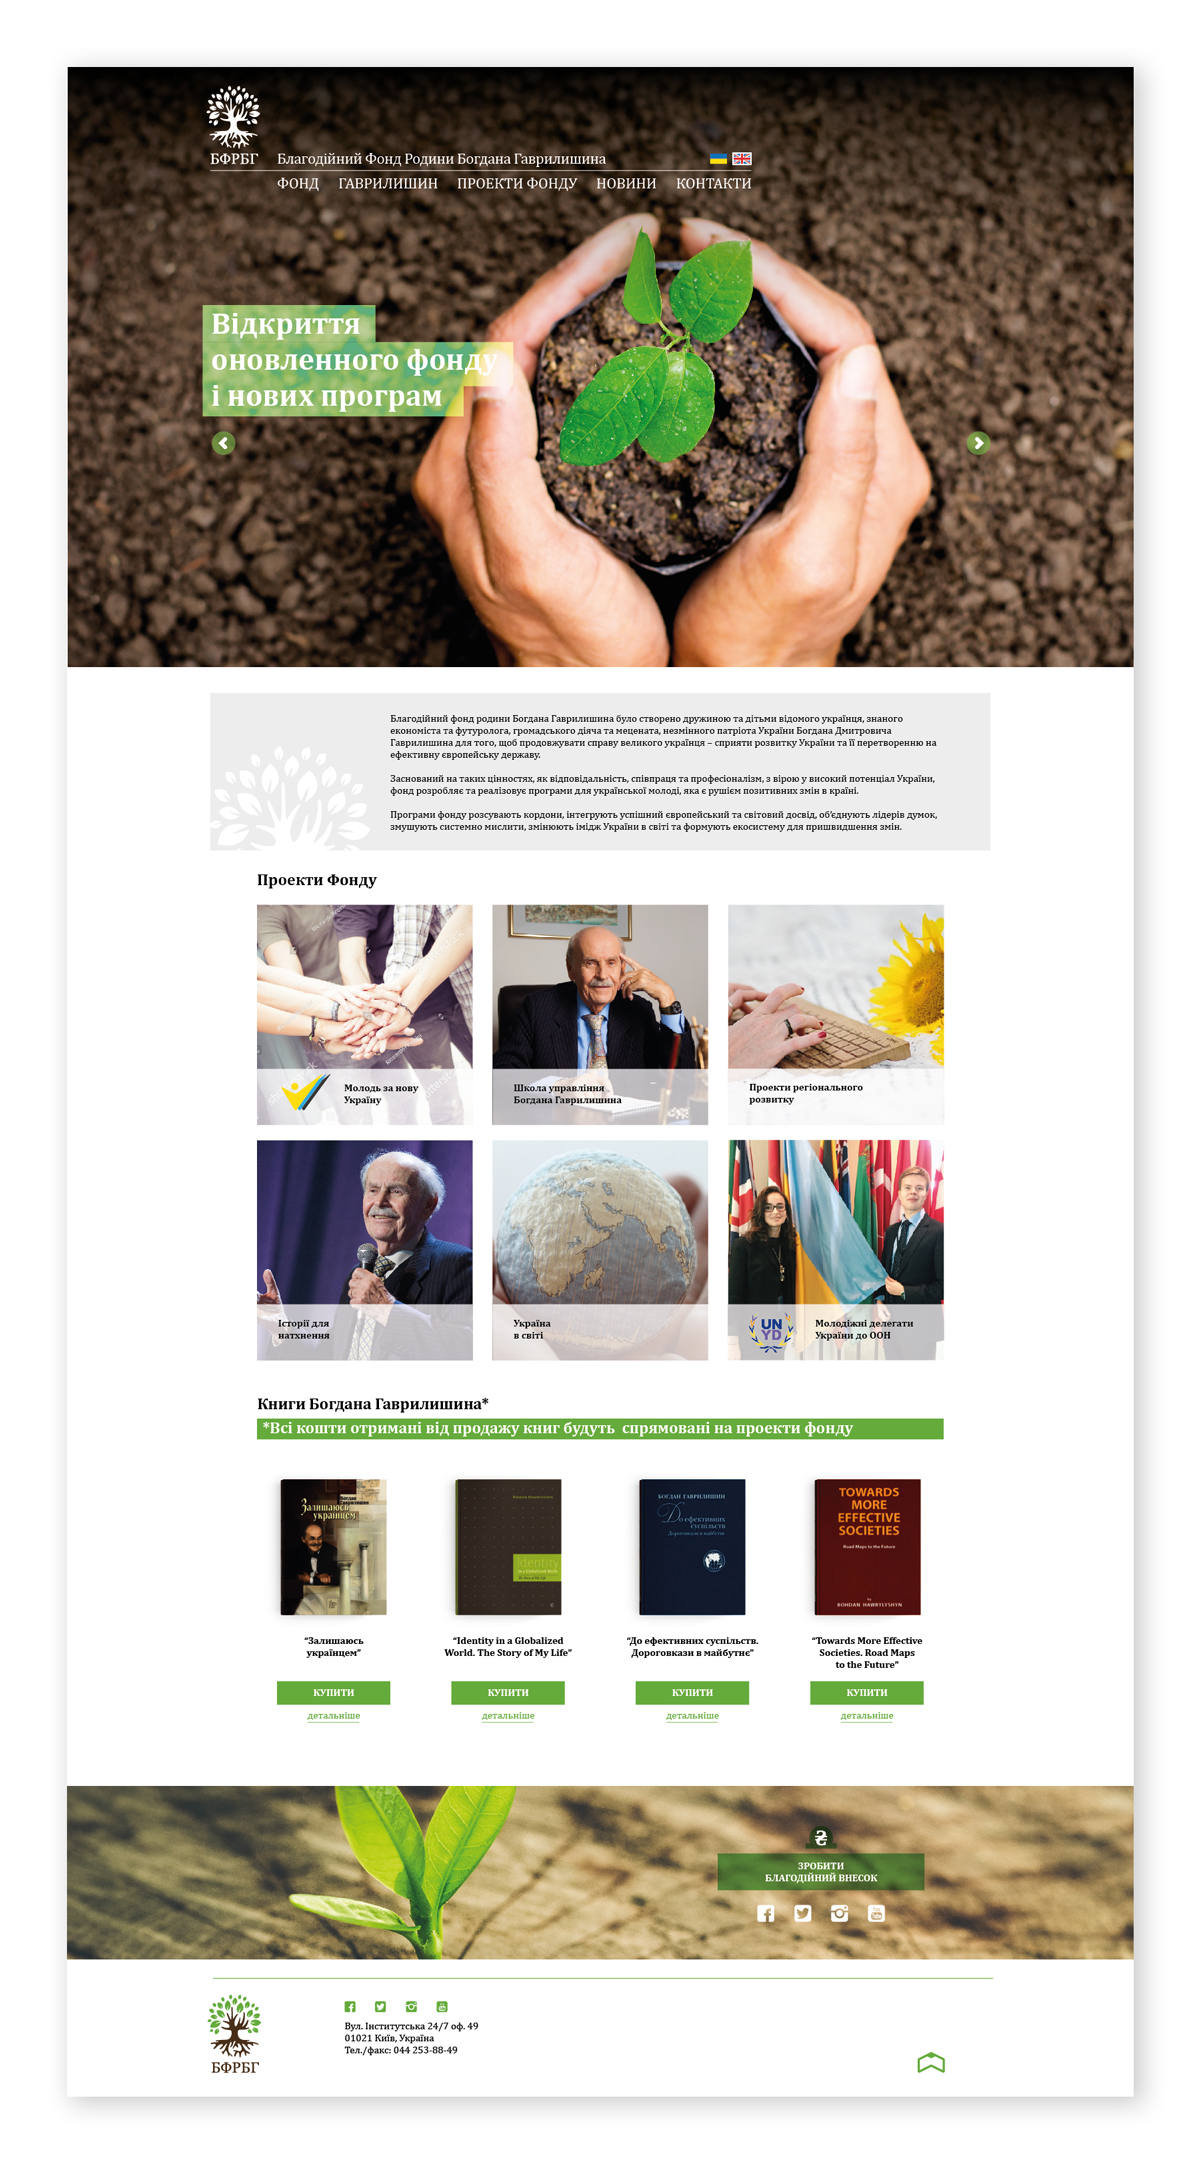 Сторінки сайту вийшли ємні. Інформація на них структурована і подана в правильному порядку